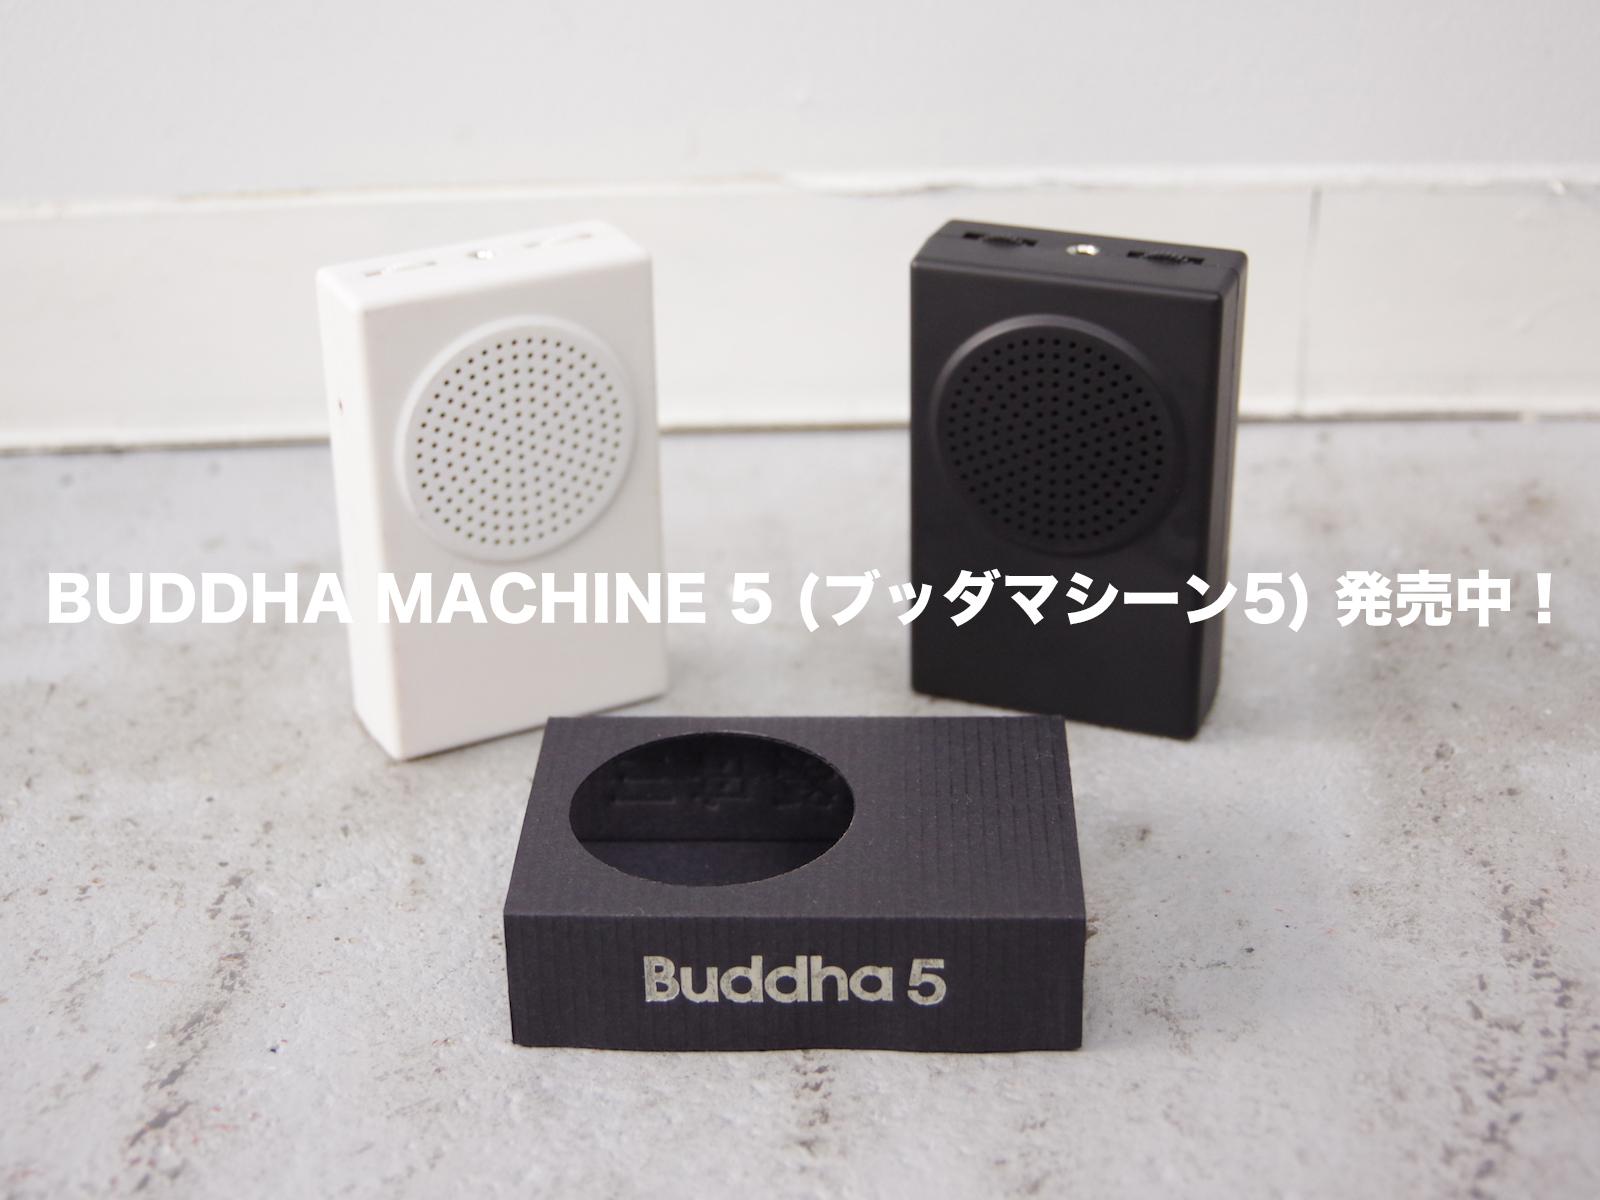 BUDDHA MACHINE 5 (ブッダマシーン 5) 発売中!